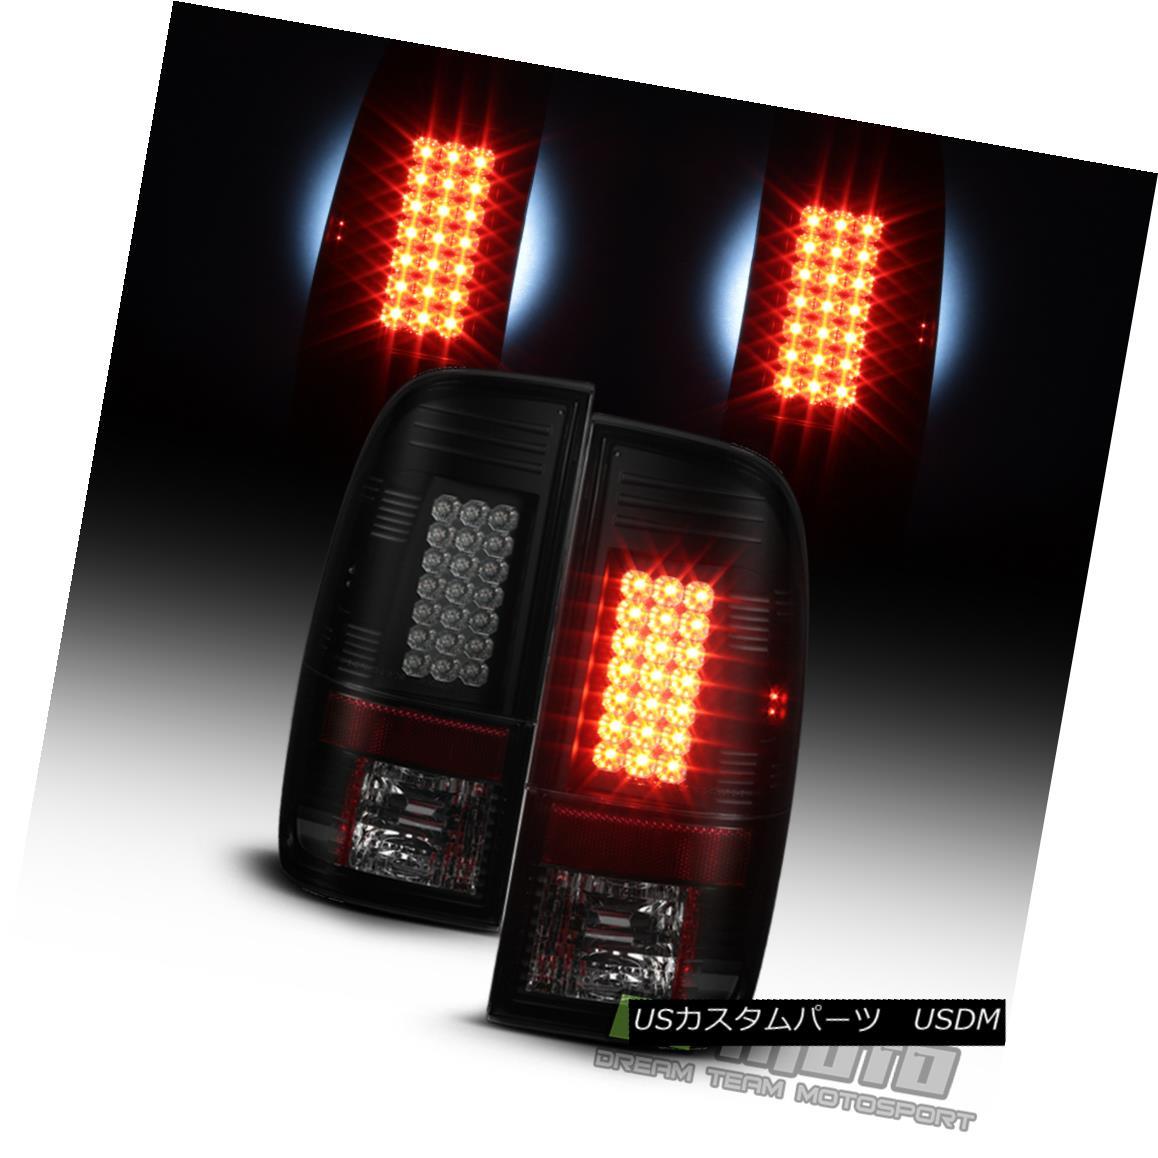 テールライト F450 Black SuperDuty Housing Smoke Lens 2008-2016 Ford F450 F250 F350 F450 SuperDuty LED Tail Lights ブラックハウジングスモークレンズ2008-2016 Ford F250 F350 F450 SuperDuty LEDテールライト, グランドプレイス:05832473 --- officewill.xsrv.jp